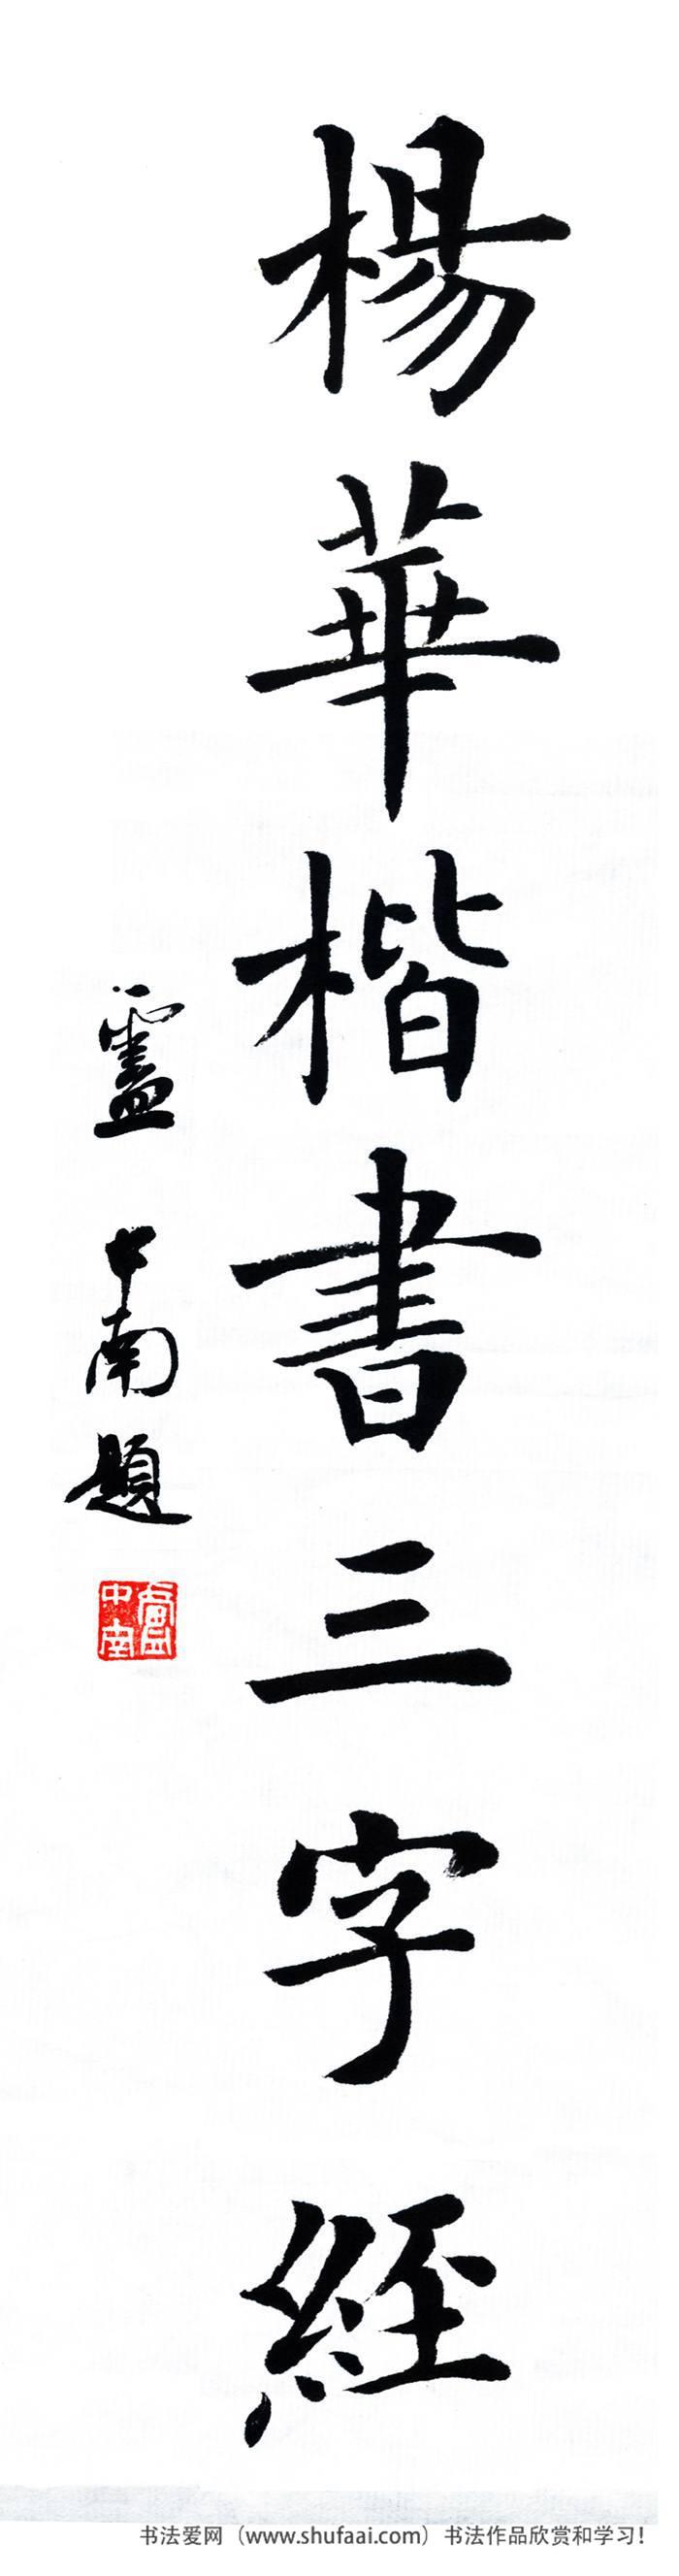 《蒙学经典系列楷书字帖---三字经》润堂新著:高清字帖 第【1】张